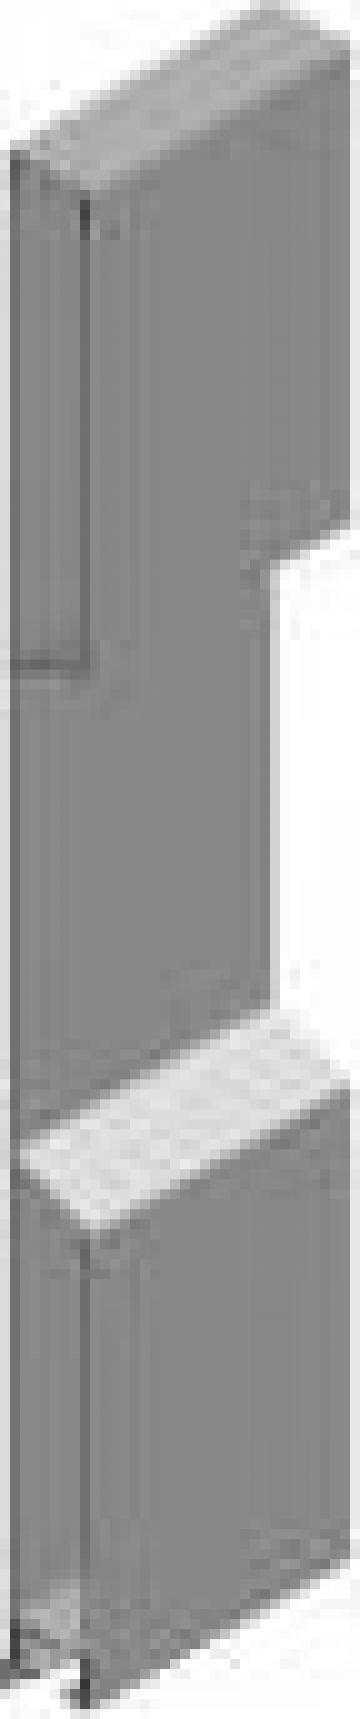 Profile pentru oblon din aluminiu de la Eurowind Srl